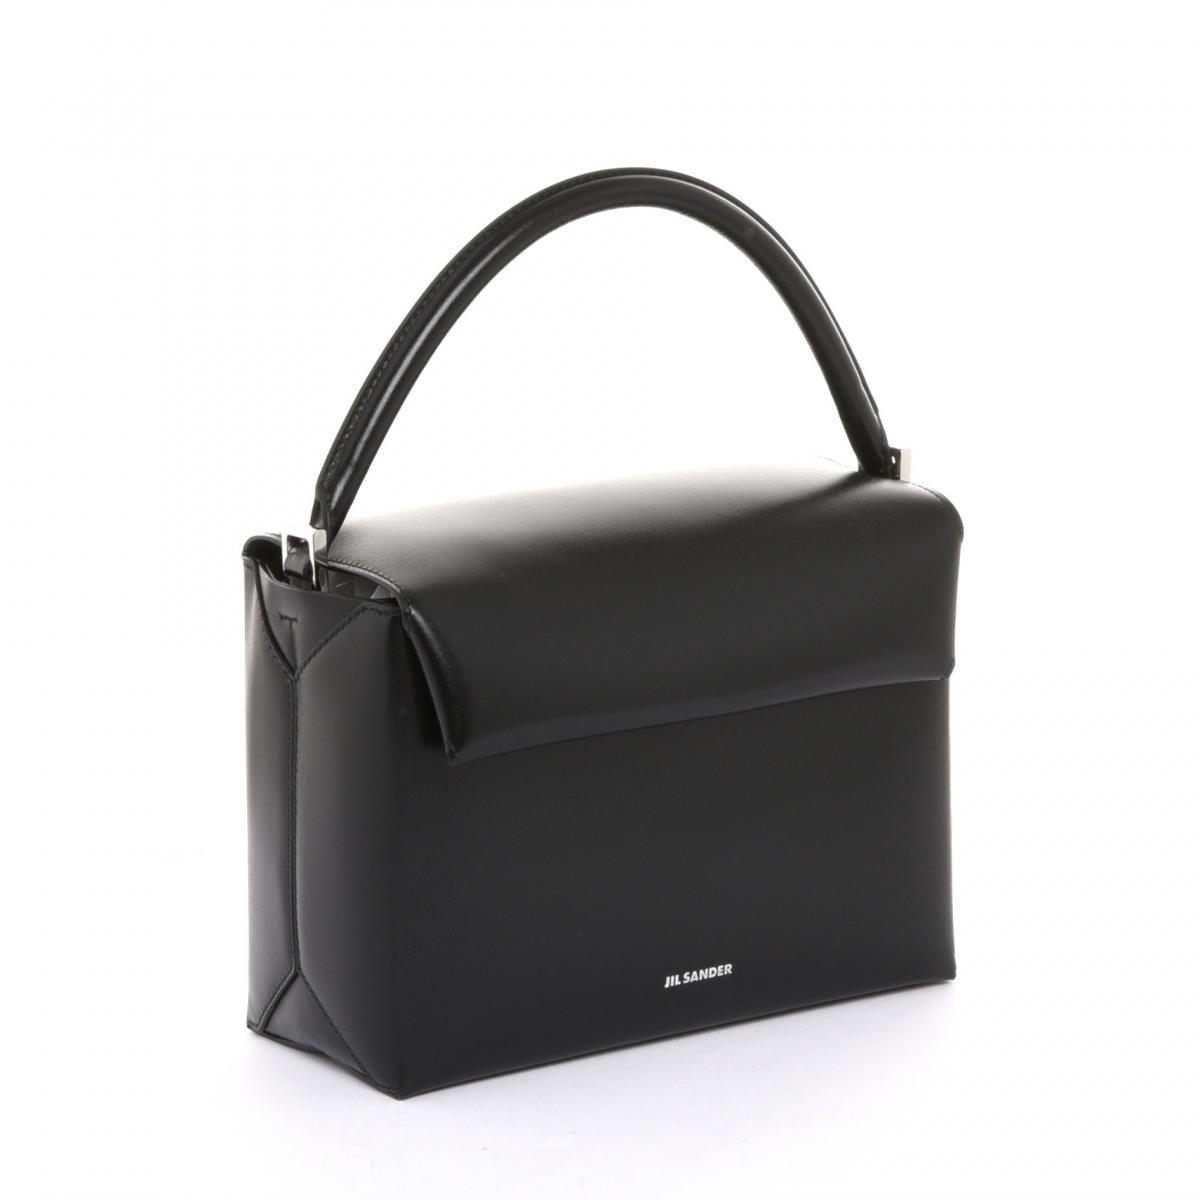 バッグ「エンベロープ ボックス」〈H15×W21×D10㎝〉¥175,000(ジル サンダー ショップ 伊勢丹新宿本館1F限定)/オンワードグローバルファッション(ジル・サンダー)